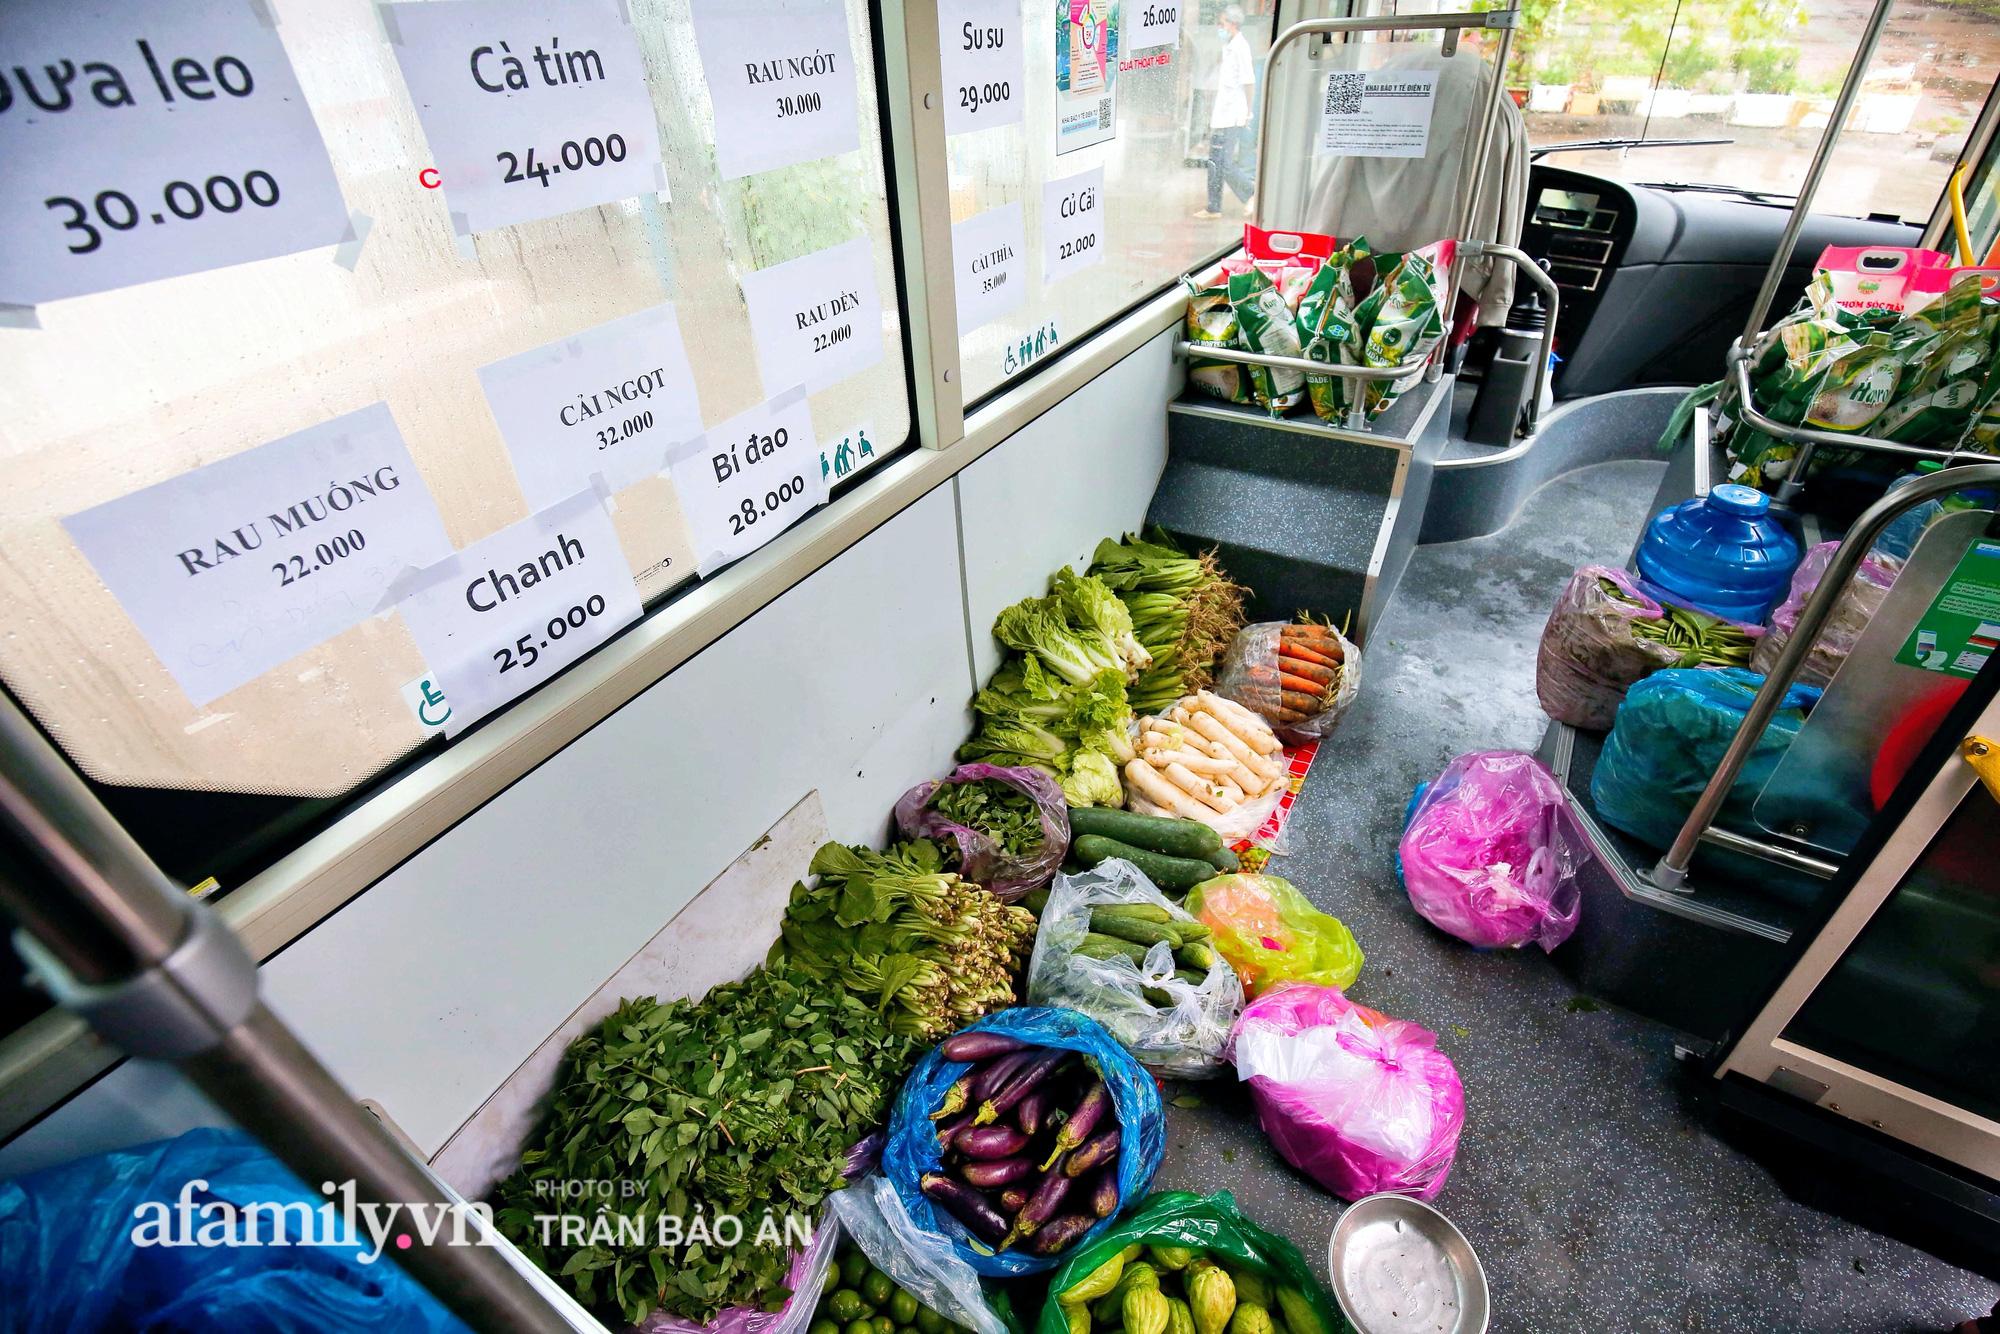 Người Sài Gòn lên xe buýt để... mua rau củ, thịt cá giá bình ổn, đảm bảo an toàn đủ các bước nhưng quan trọng chất lượng liệu ra sao? - Ảnh 7.